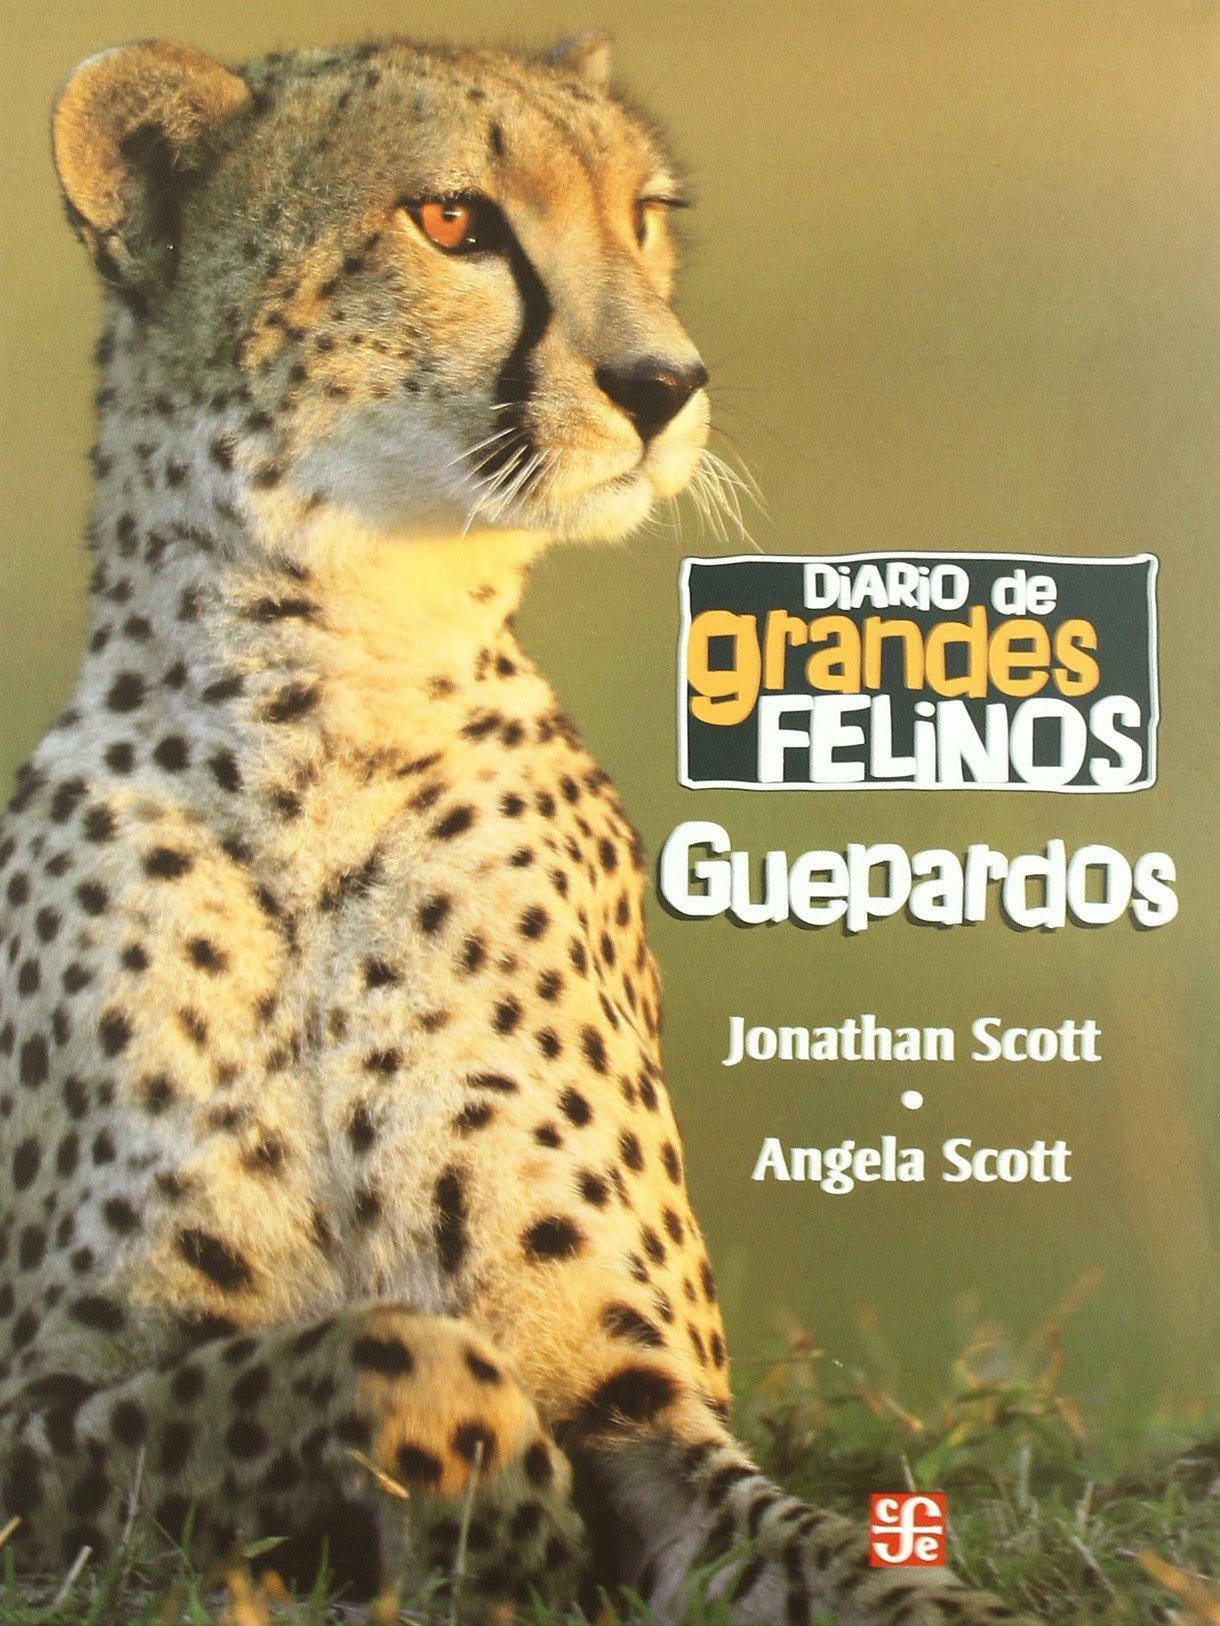 Diario de grandes felinos: guepardos (Seccion De Obras De Ciencia Y Tecnologia/ Section of Science and Technology Works) (Spanish Edition)